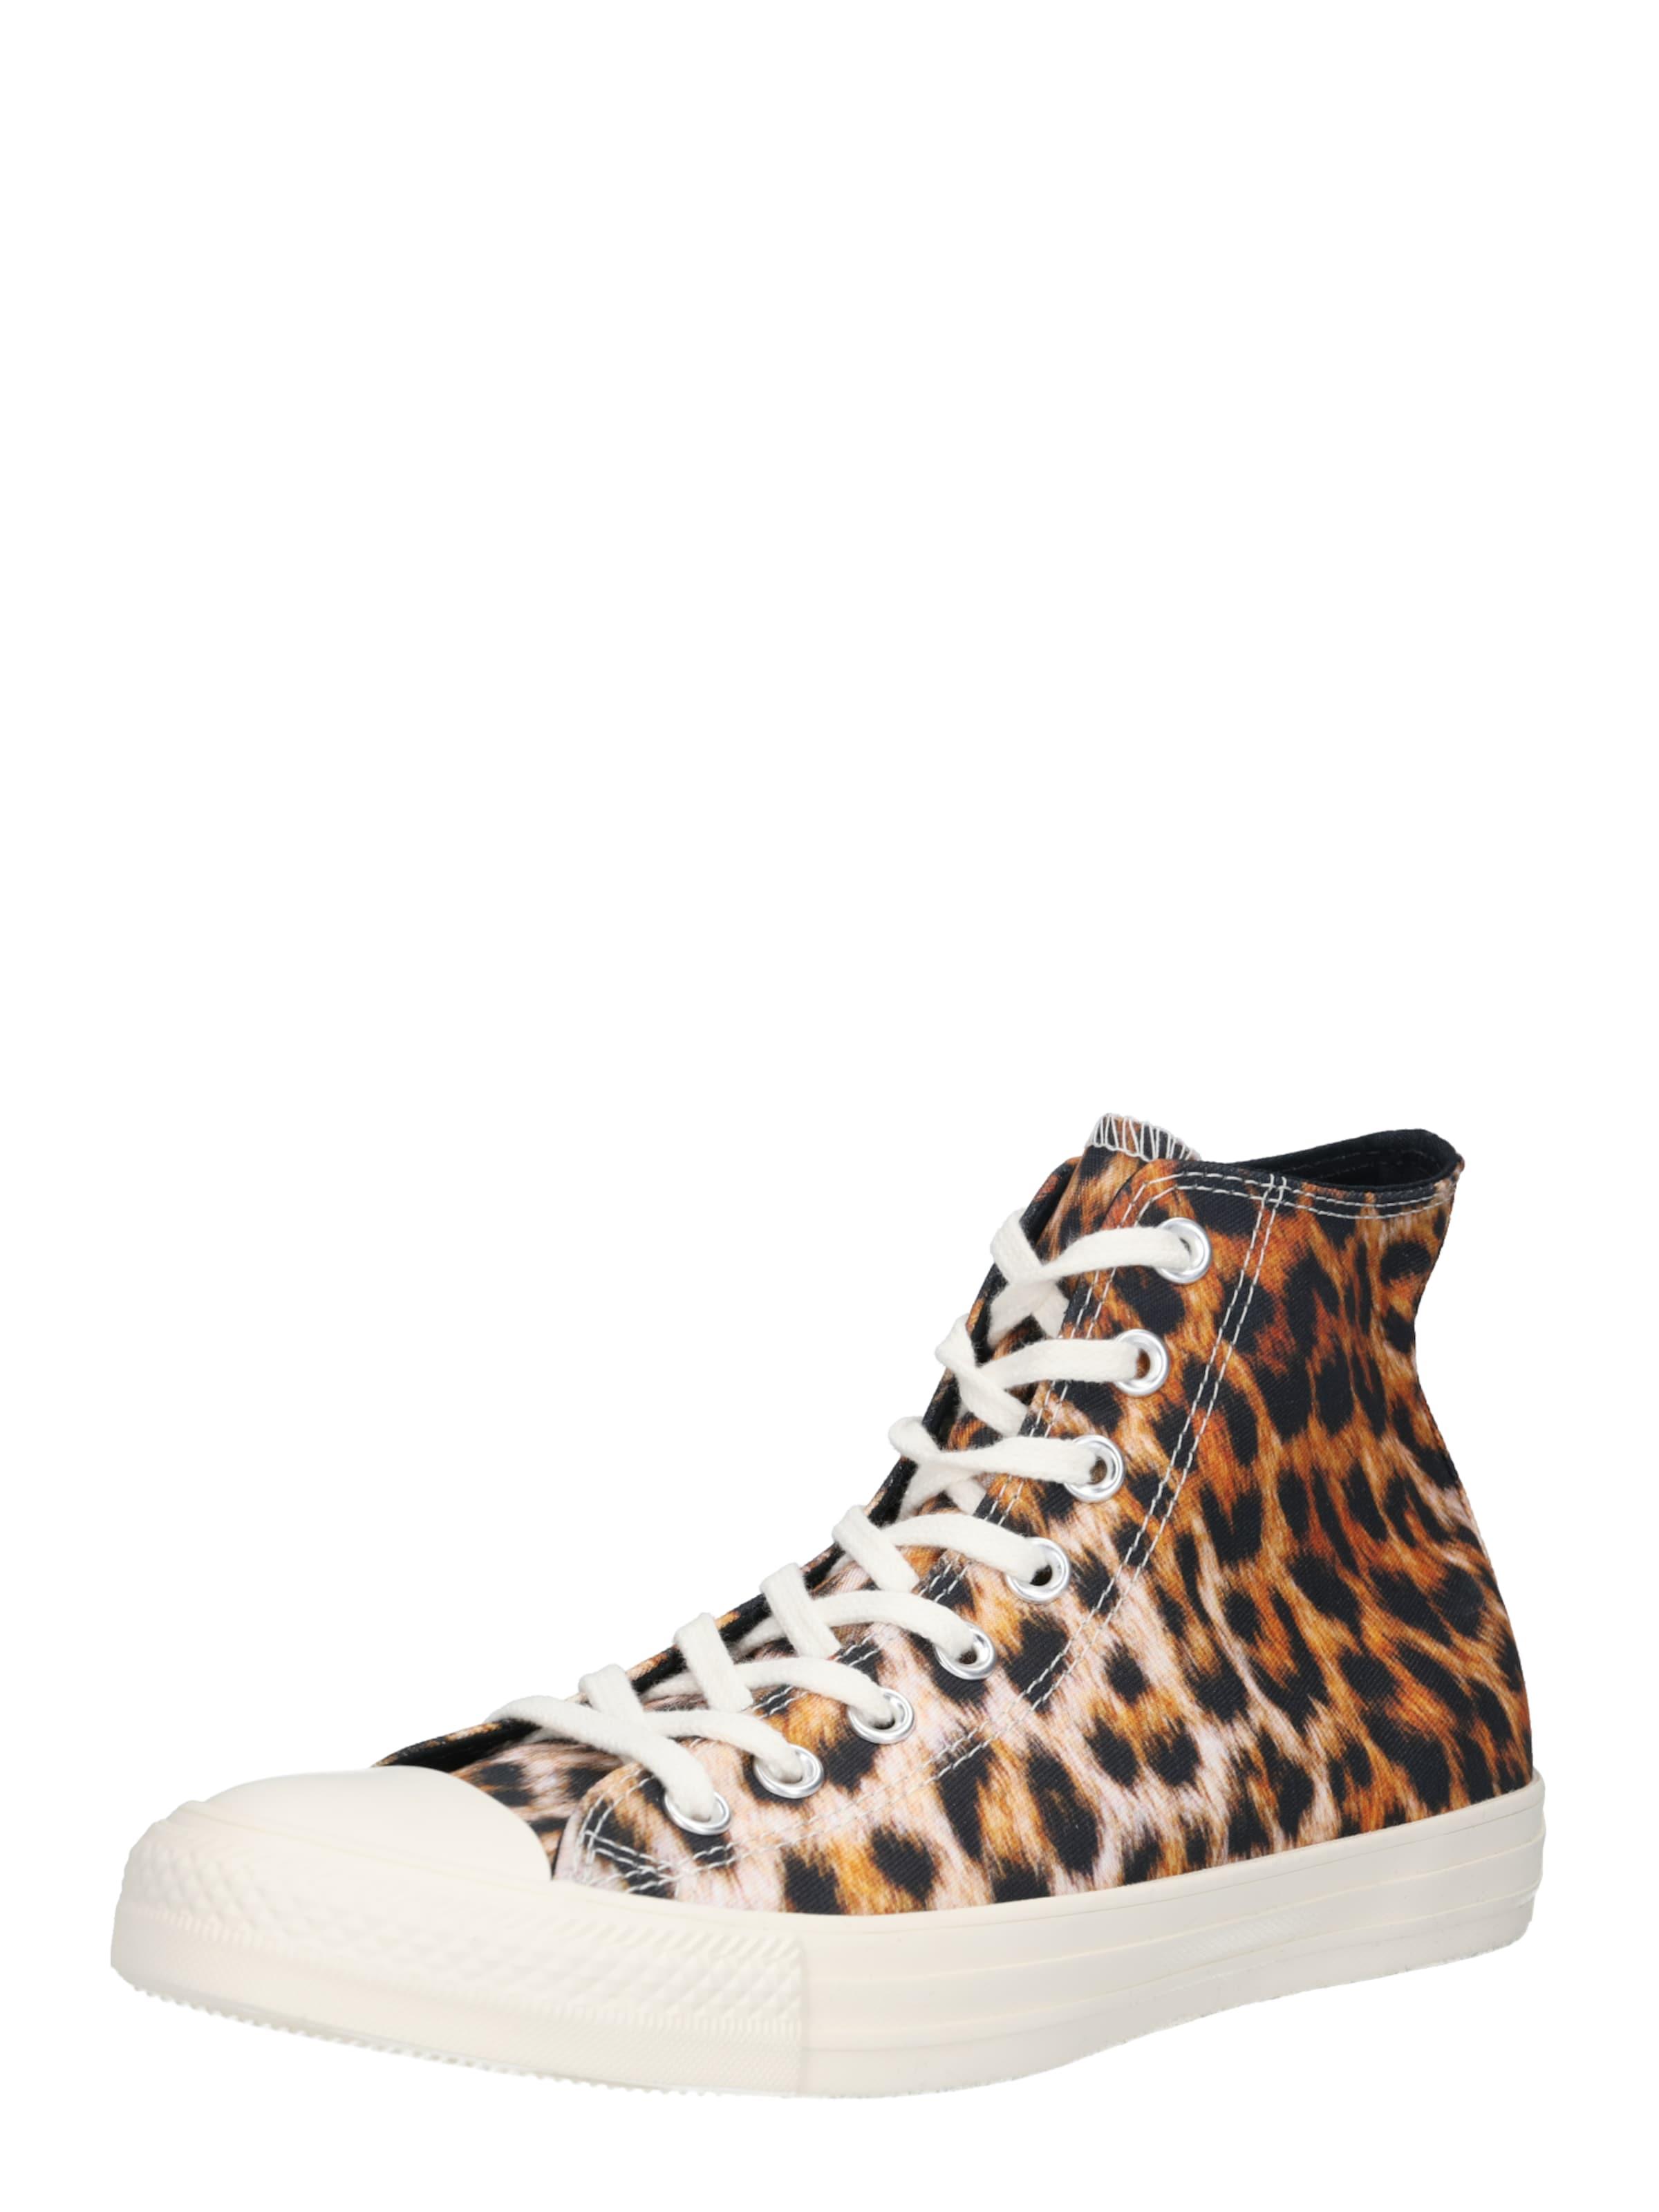 All 'chuck BraunSchwarz Converse In Sneaker Taylor Star' dthQrCxs